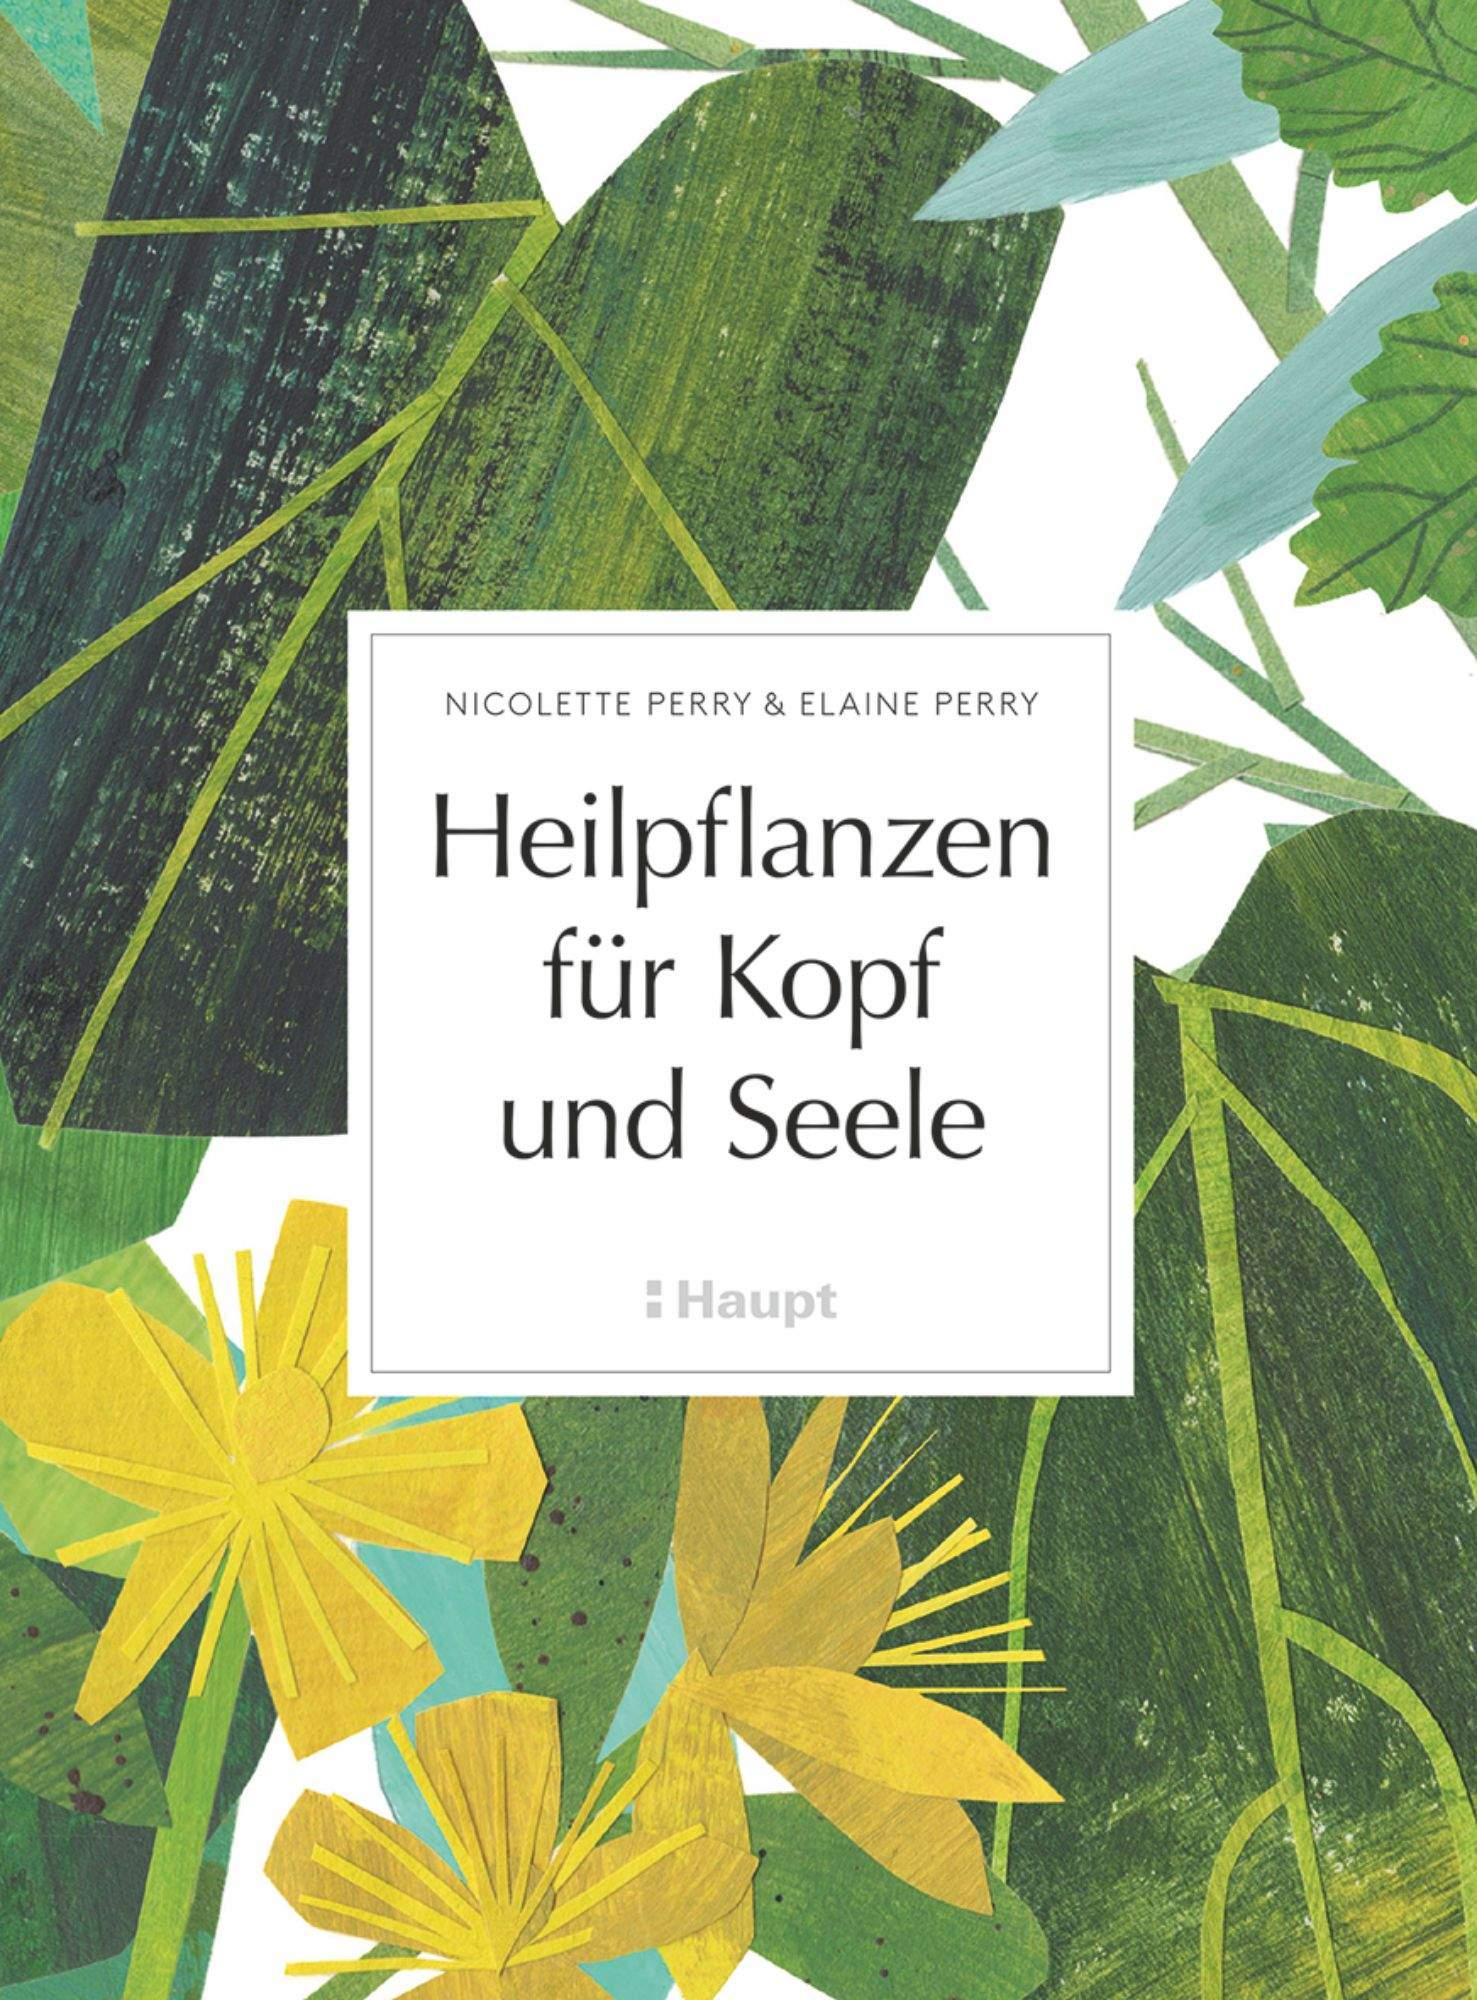 Heilpflanzen fuer Kopf und Seele Autoren Kollektiv Haupt Verlag Land Warenhaus